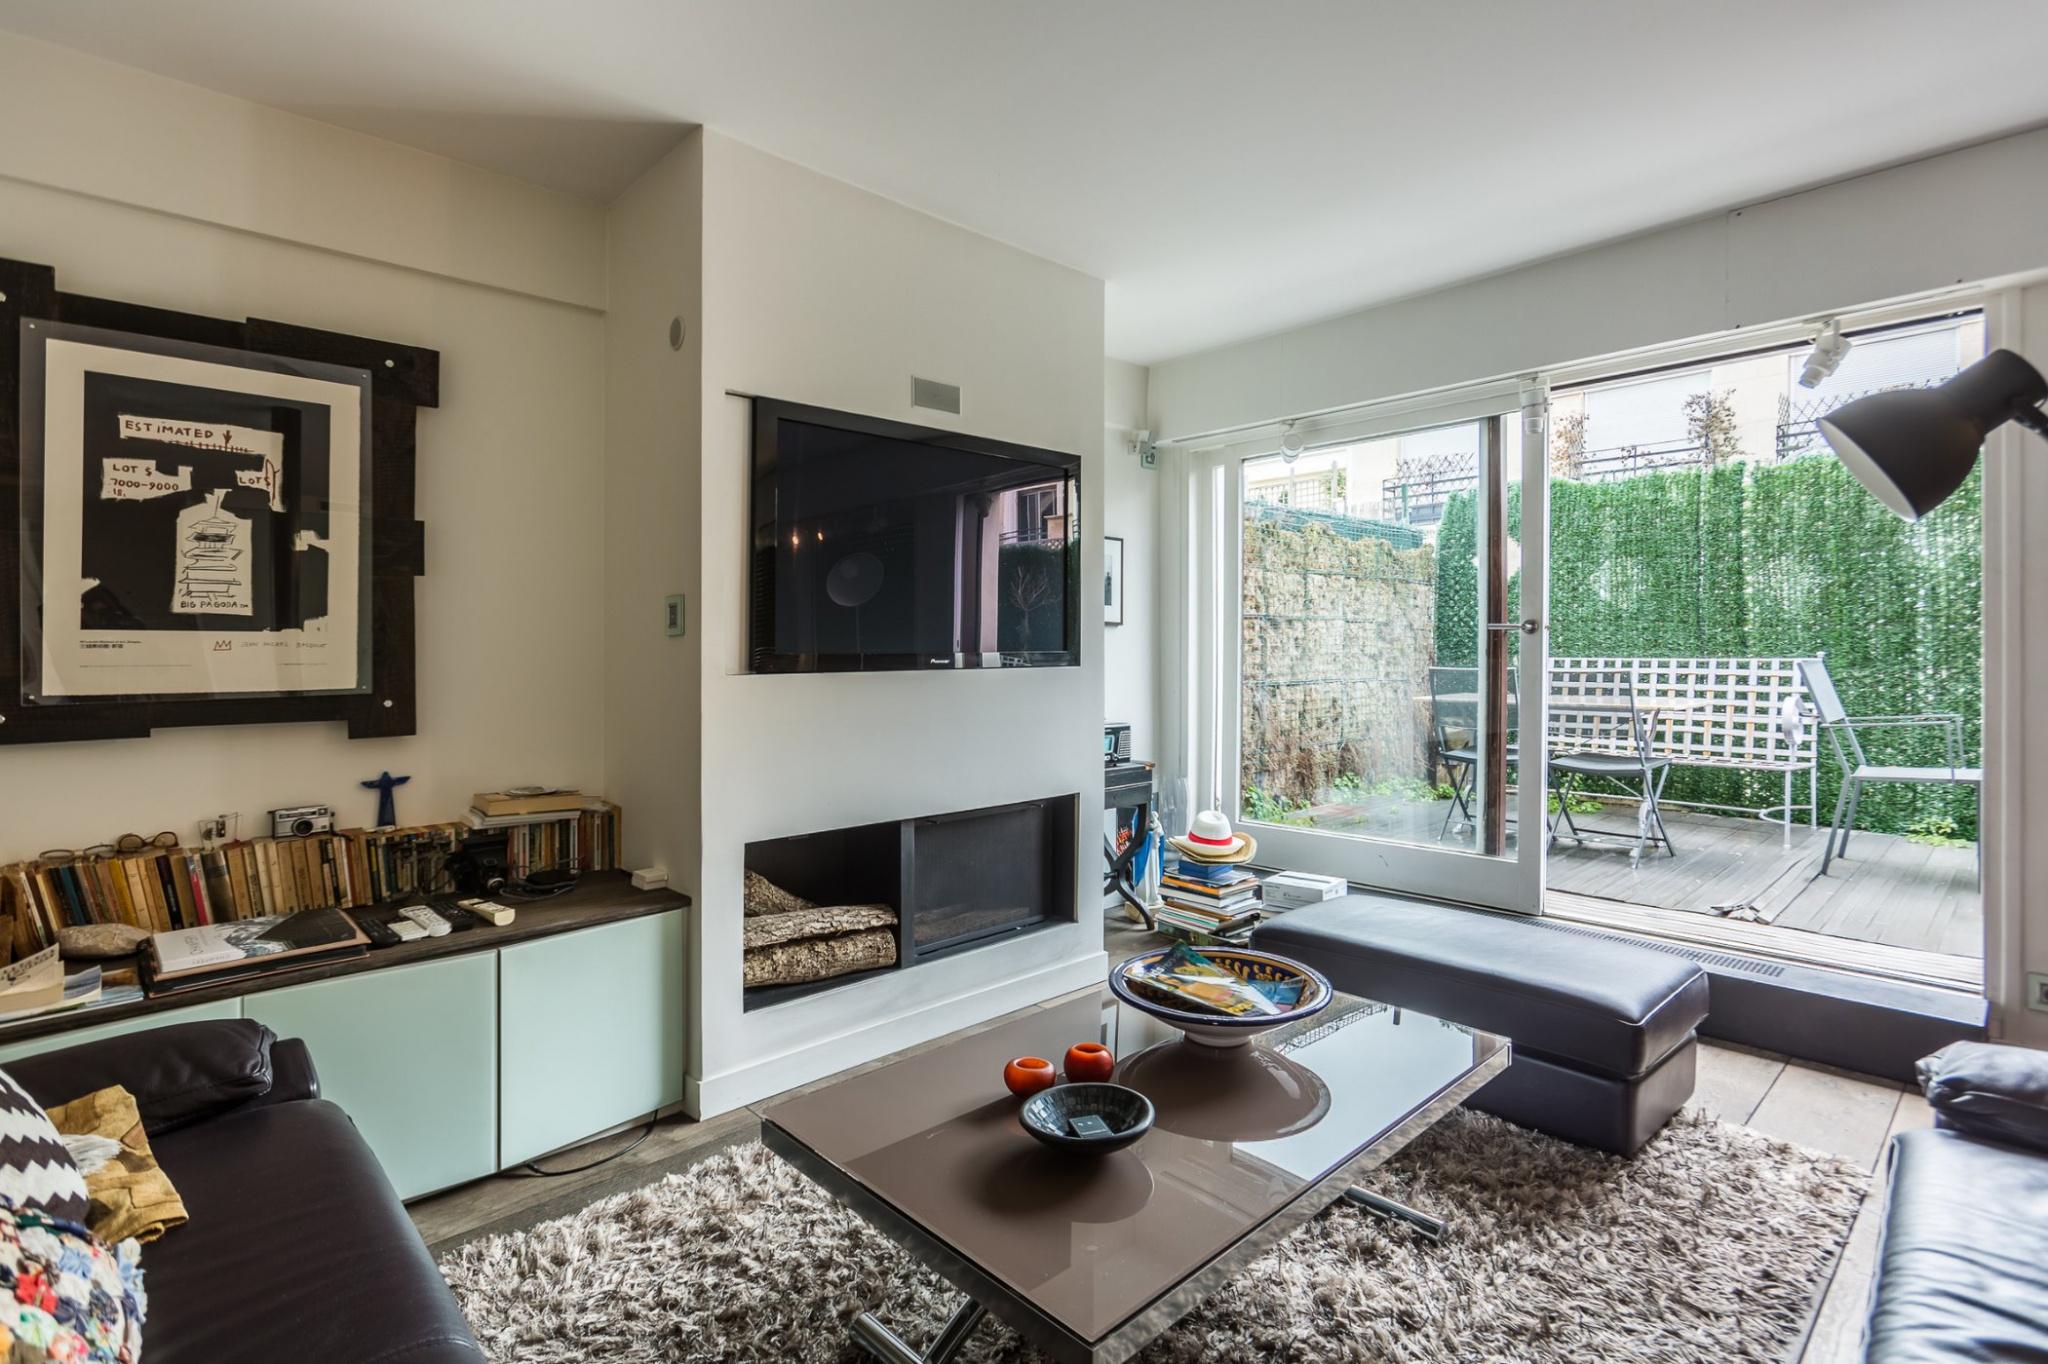 Vente appartement duplex de prestige eme étage avec double